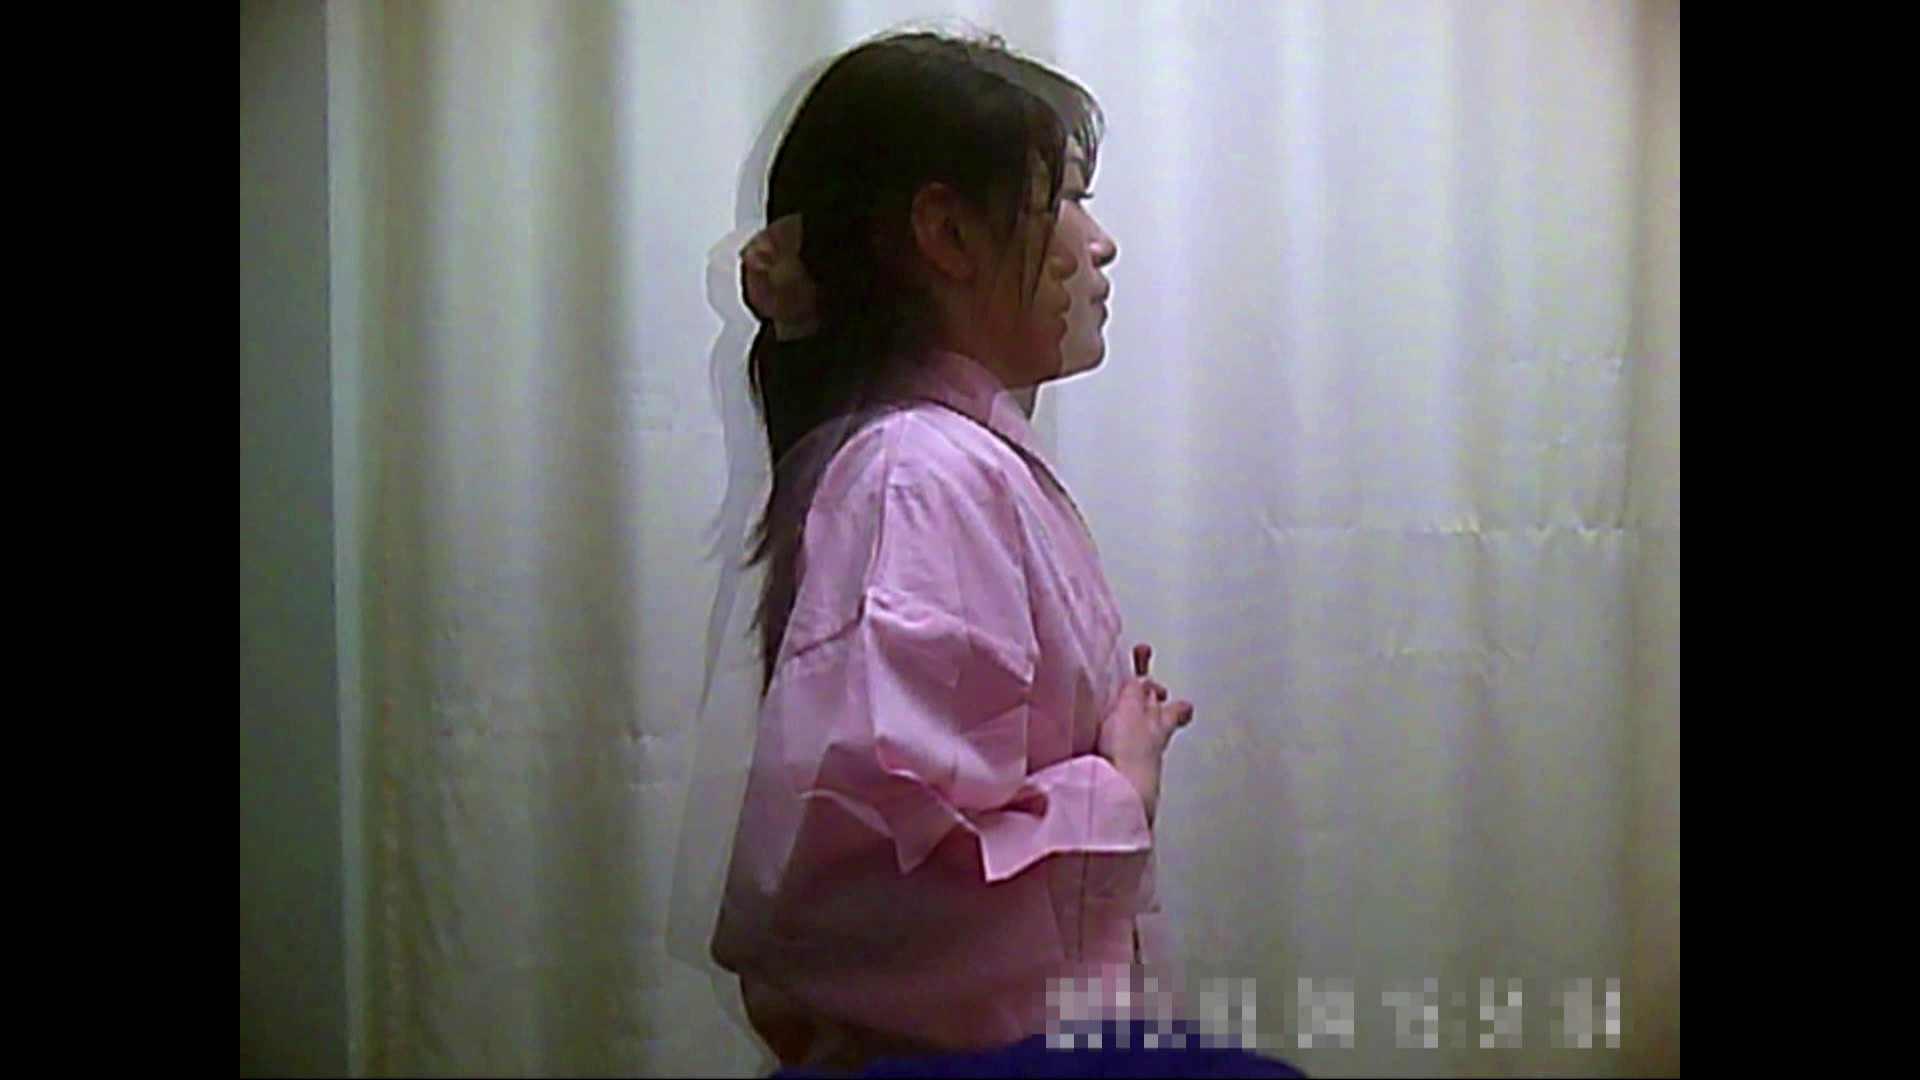 病院おもいっきり着替え! vol.195 おっぱい すけべAV動画紹介 82pic 4